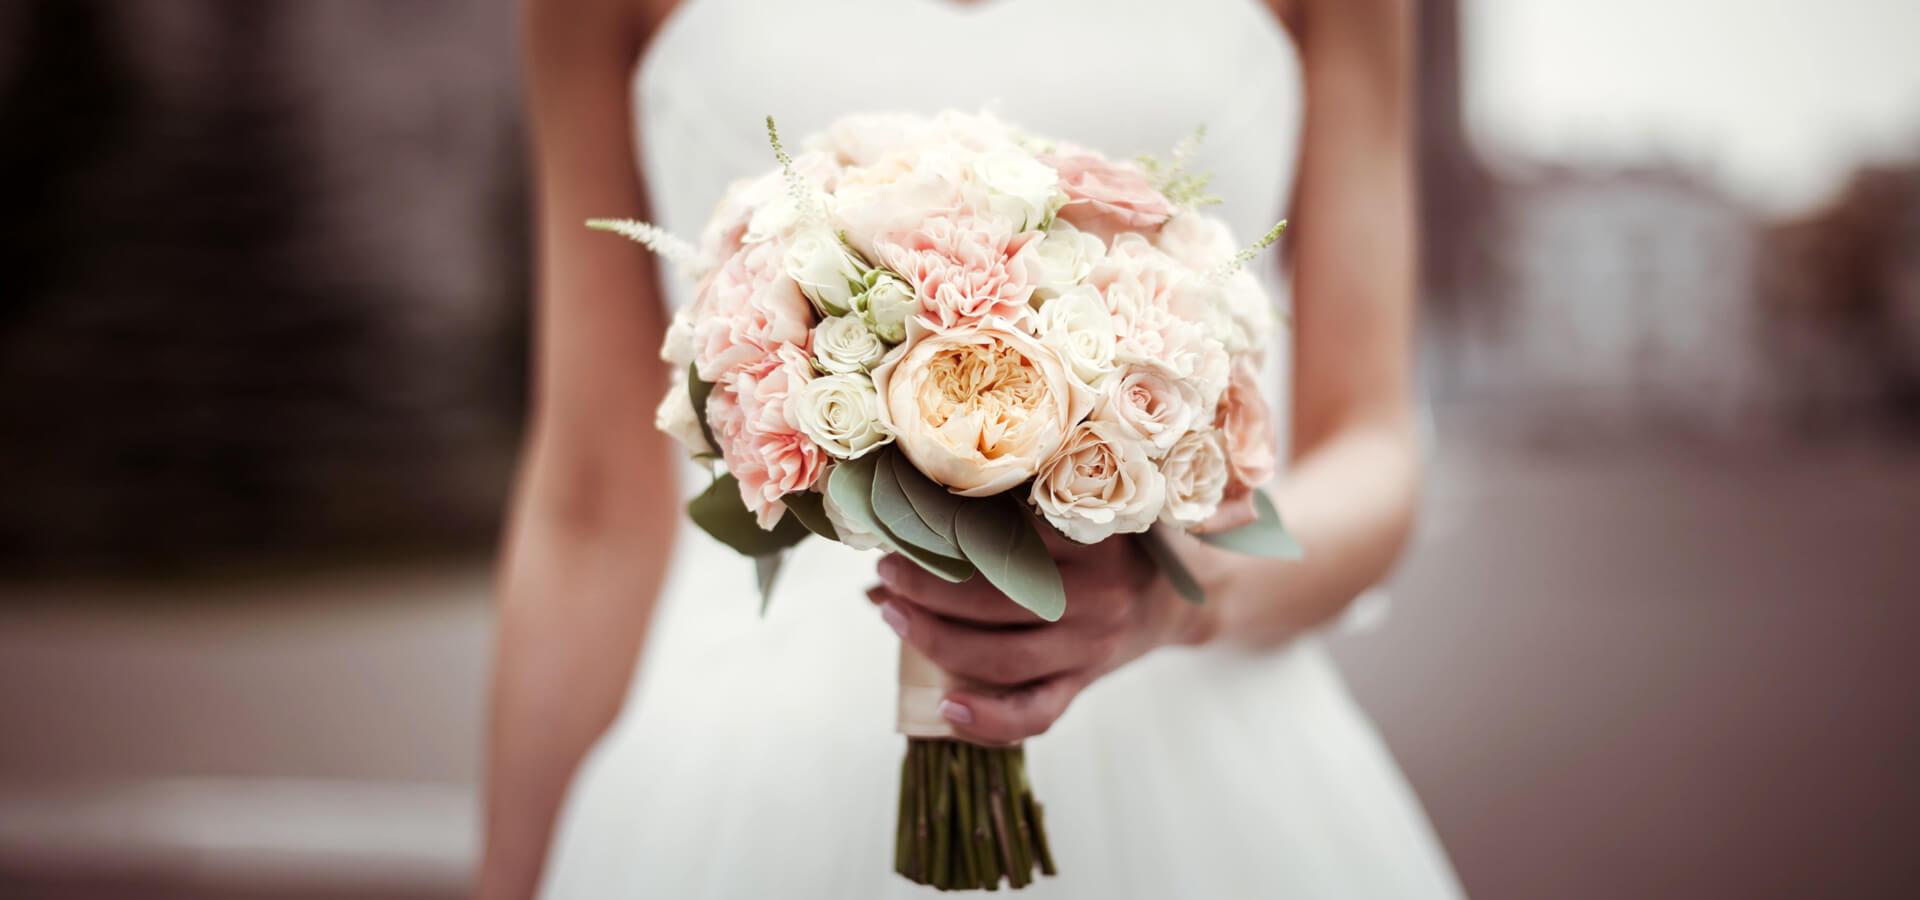 Особенности оформления свадебного букета